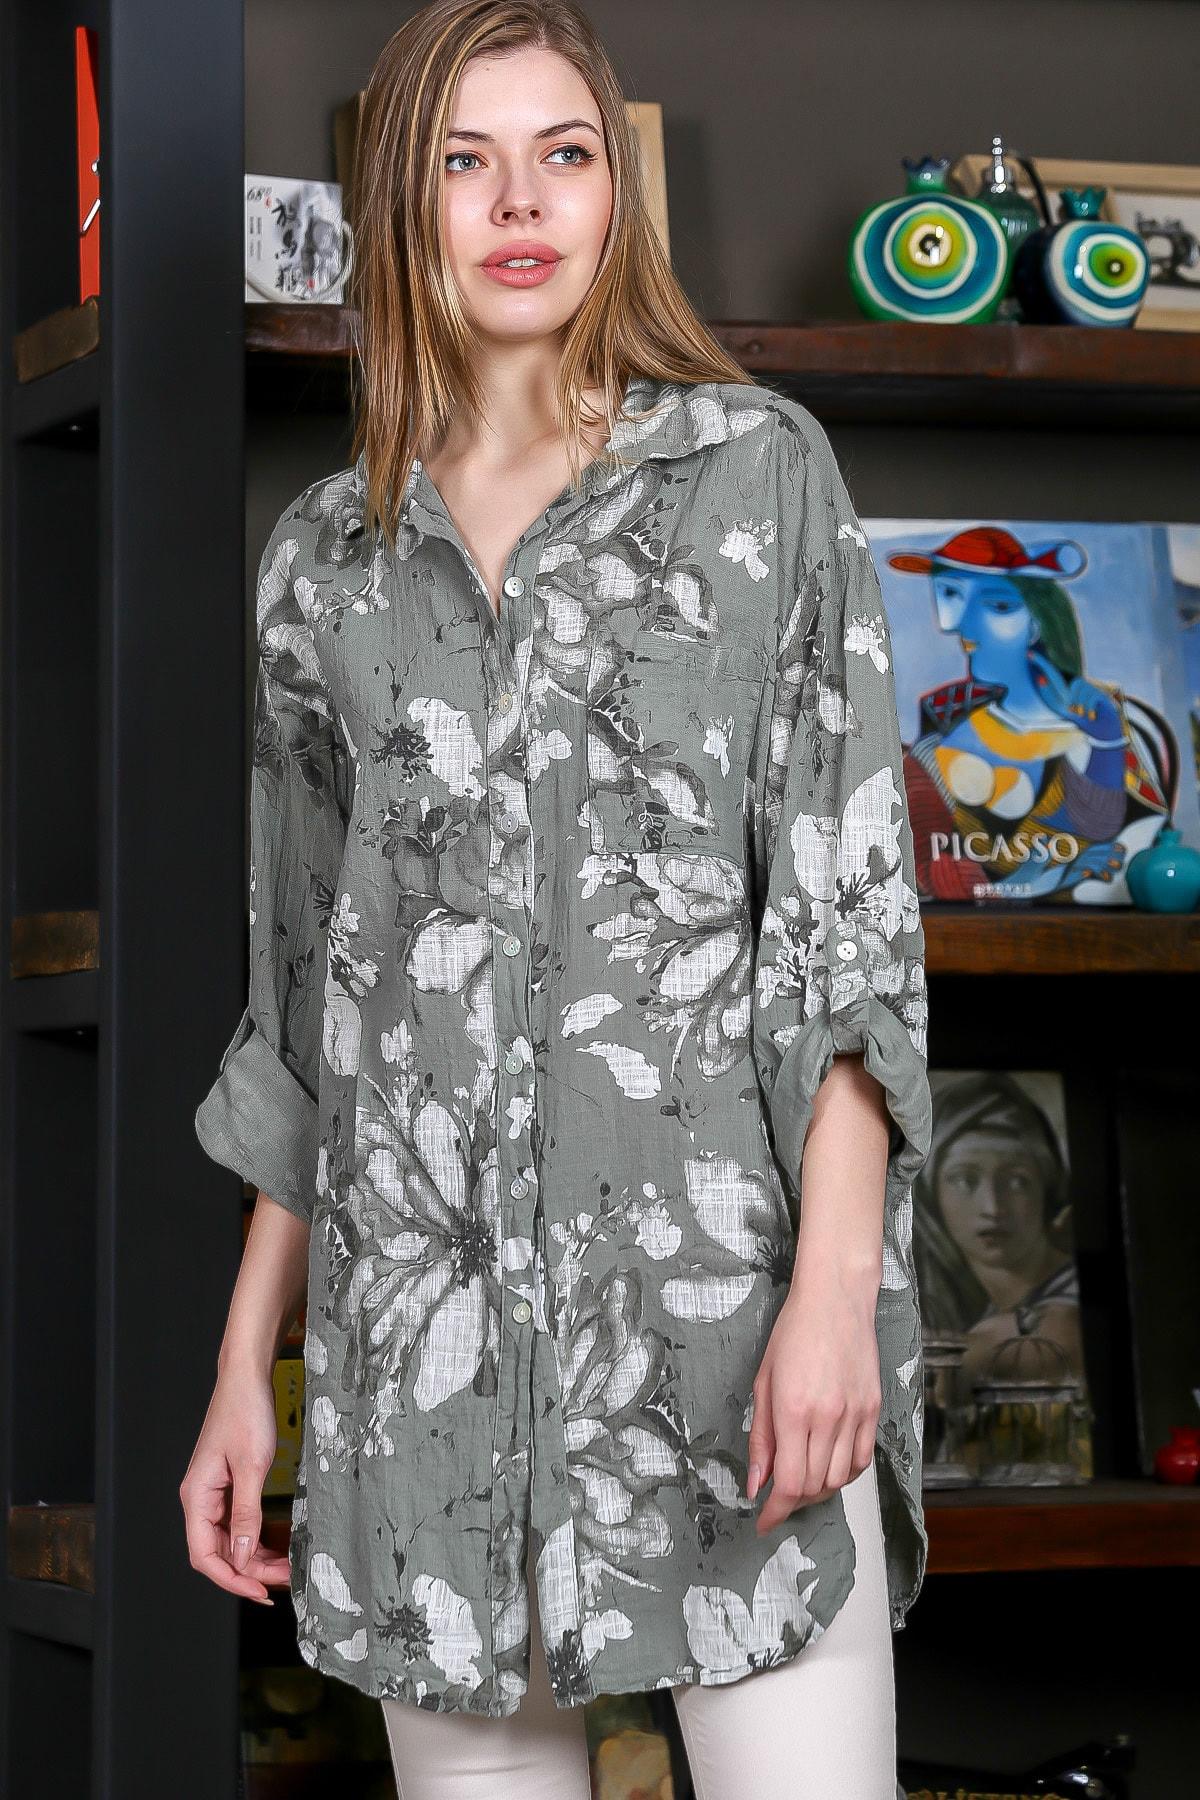 Chiccy Kadın Yeşil İtalyan Çiçek Desenli 3/4 Kol Ayarlı Yanı Yırtmaçlı Tunik Gömlek M10010400GM99439 0